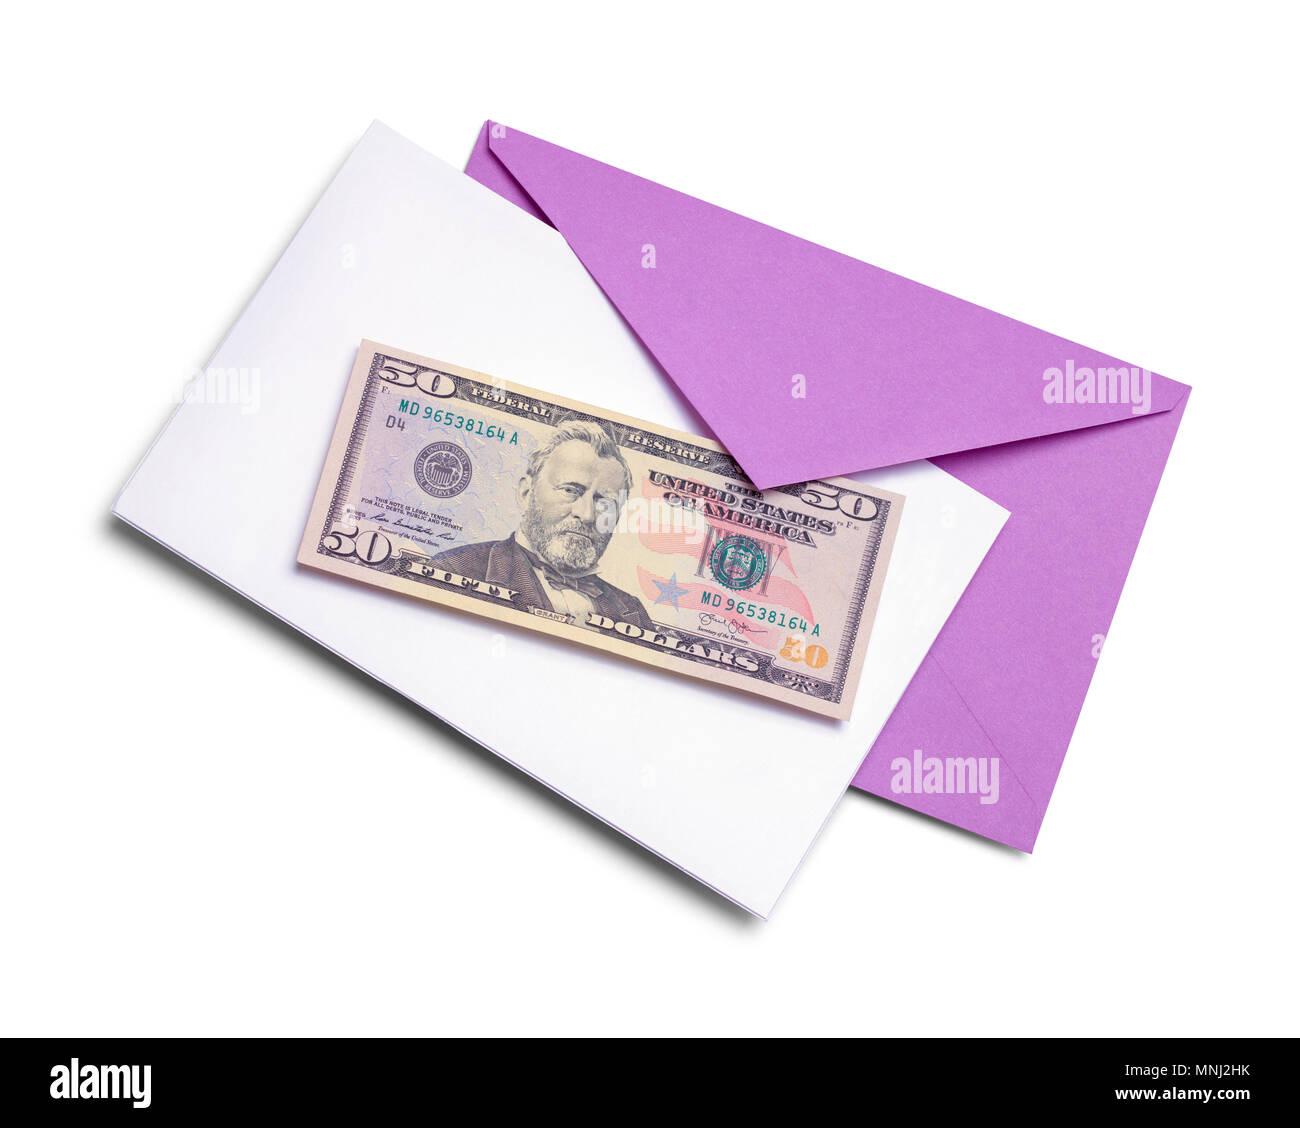 Geburtstagskarte mit Geld isoliert auf weißem Hintergrund. Stockbild